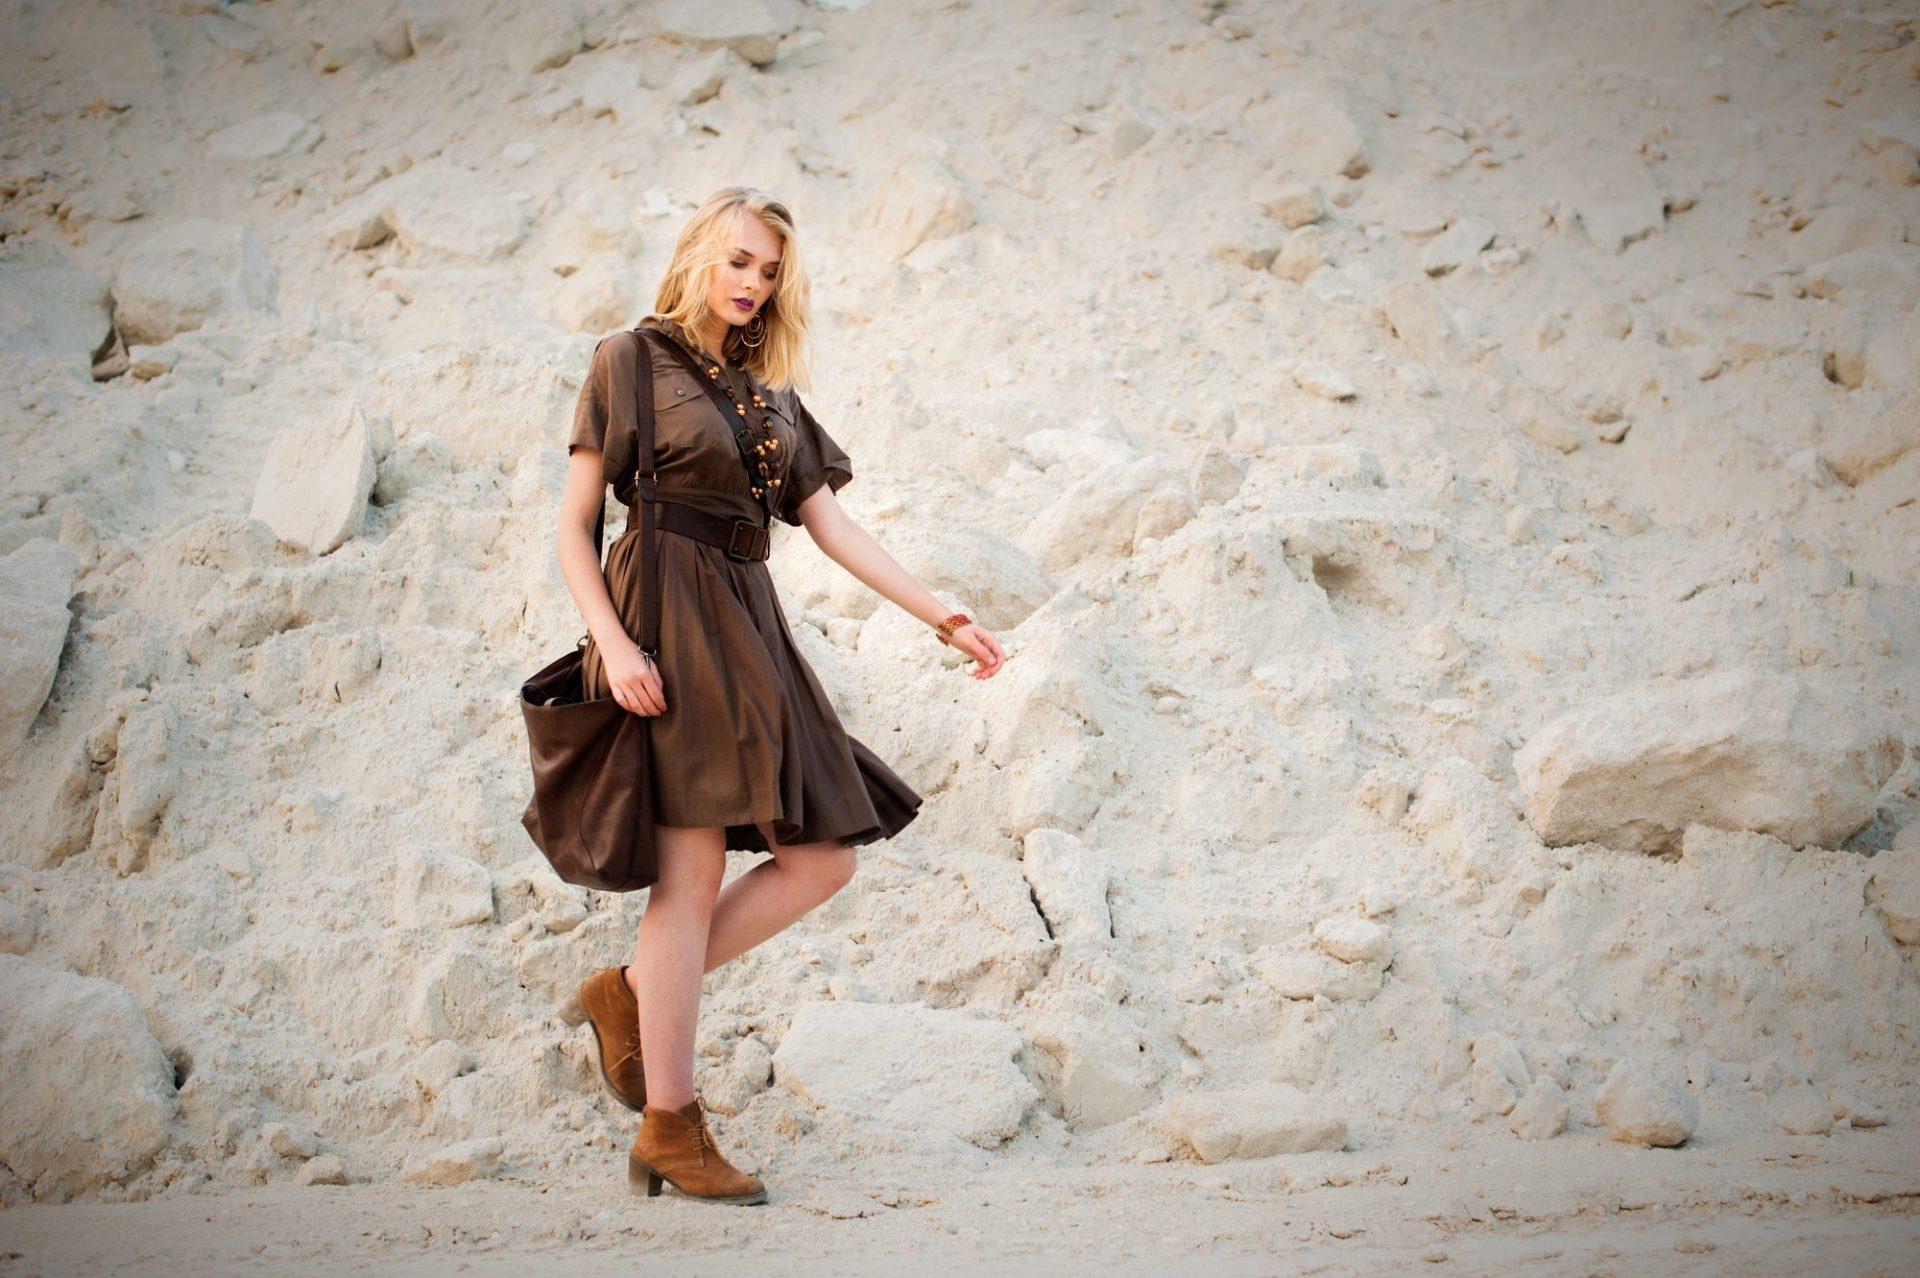 Sukienka khaki modne stylizacje